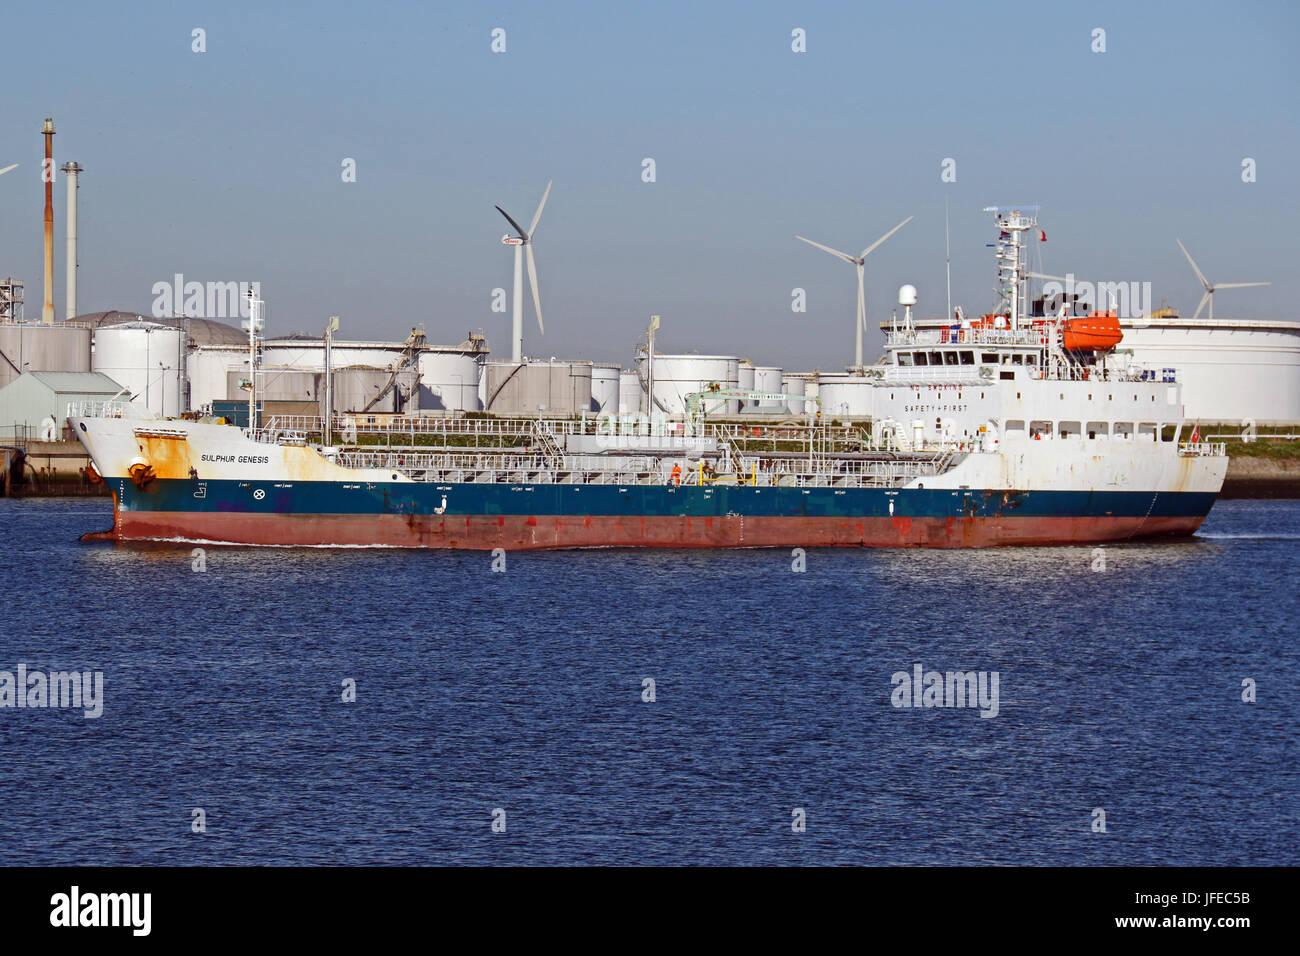 Le pétrolier la genèse de soufre entre dans le port de Rotterdam. Photo Stock